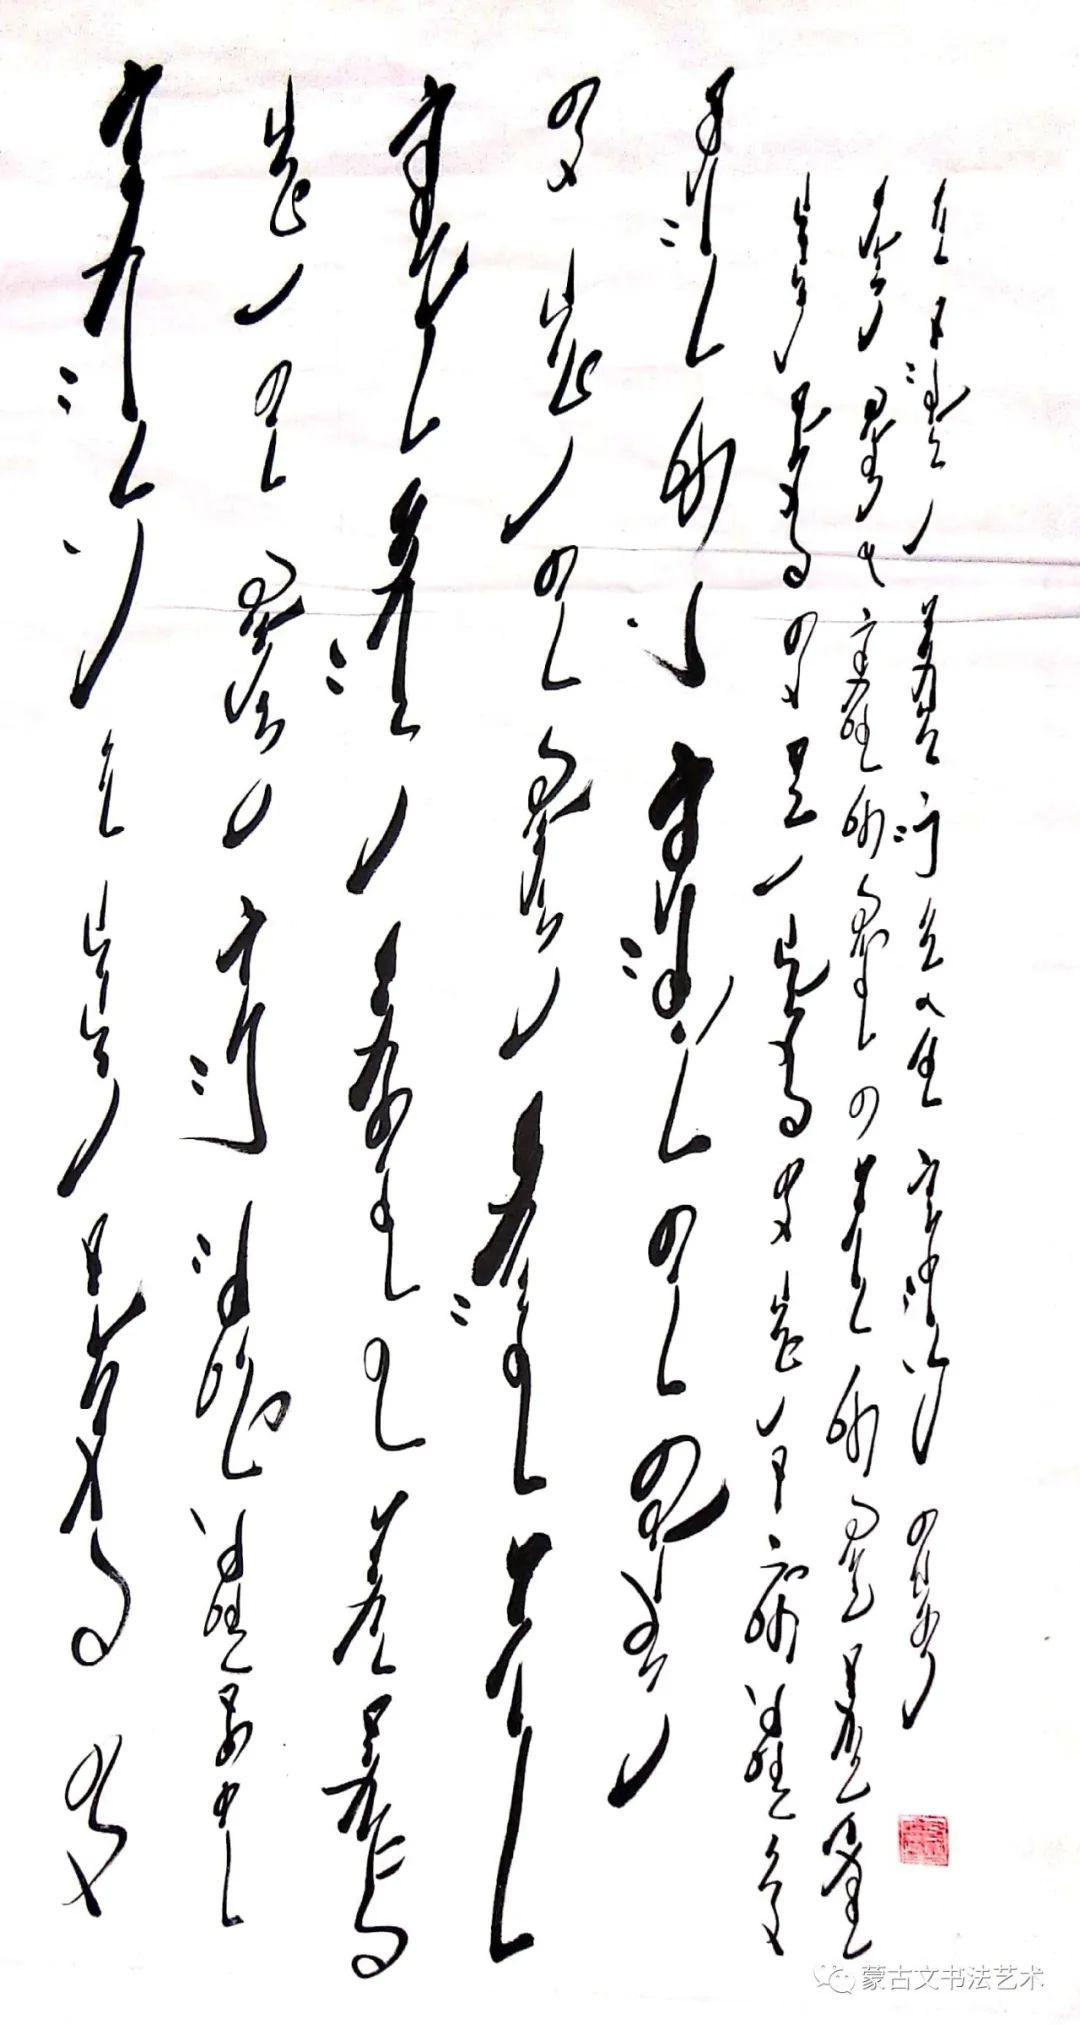 哈斯巴根蒙古文书法 第11张